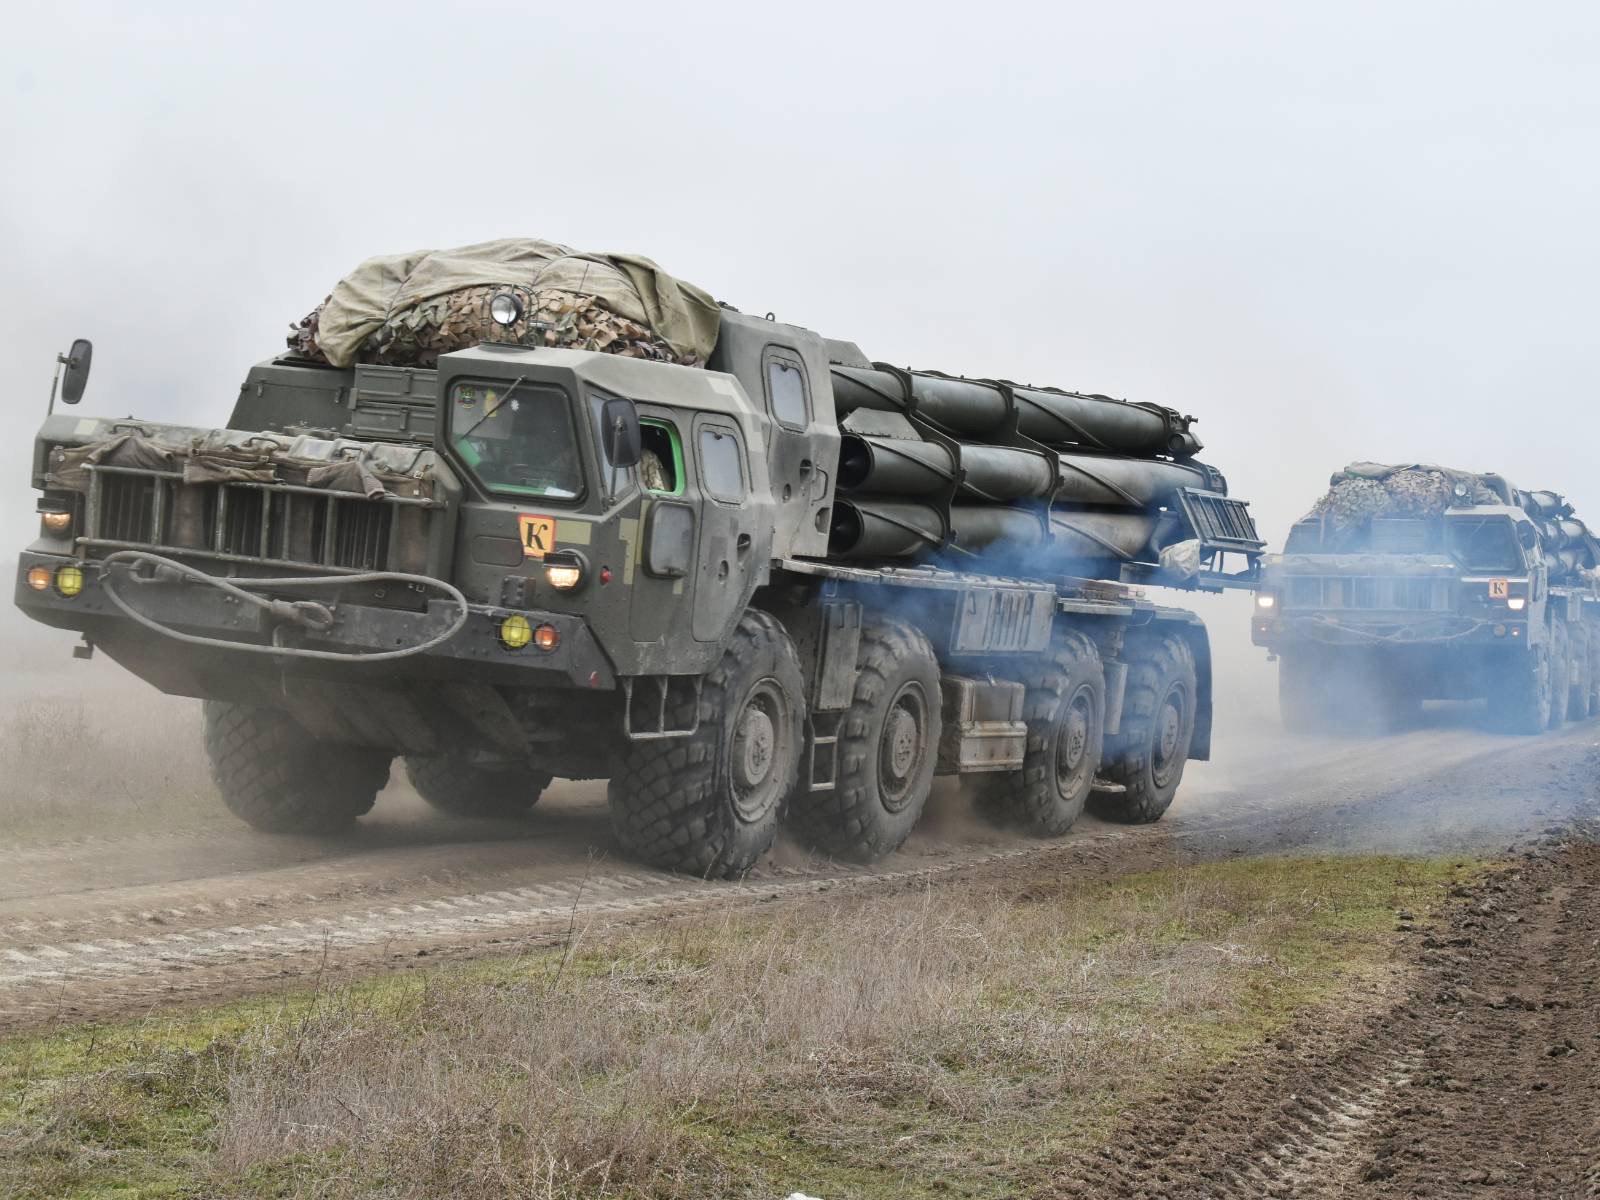 Обучение прошли у админмежах оккупированного Крыма \ zsu.gov.ua